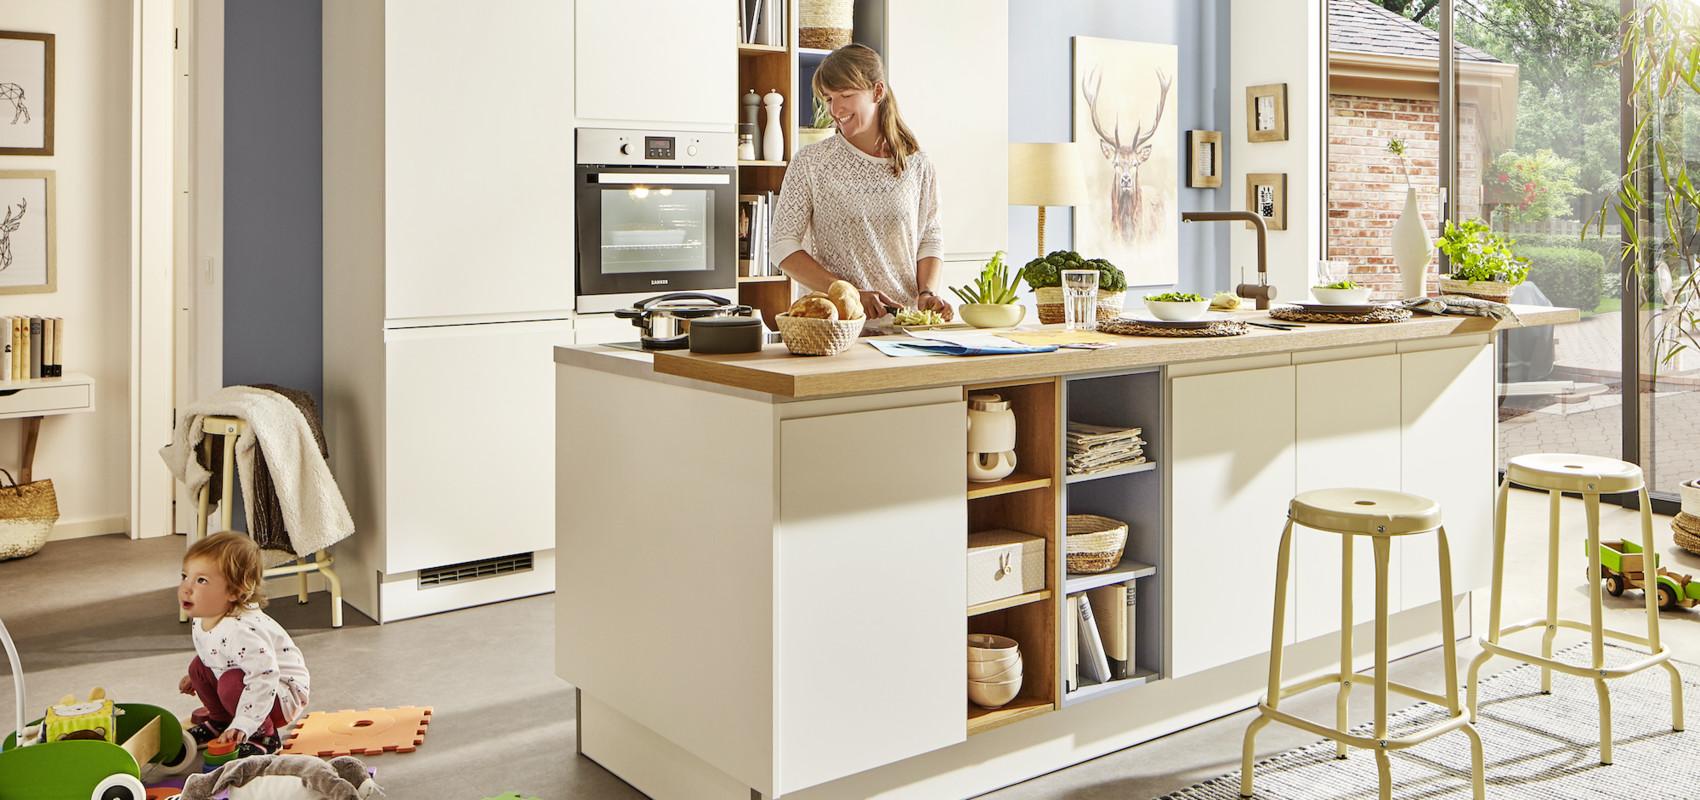 Full Size of Ausstellungsküchen Abverkauf Höffner Home Kchen Bad Big Sofa Inselküche Wohnzimmer Ausstellungsküchen Abverkauf Höffner